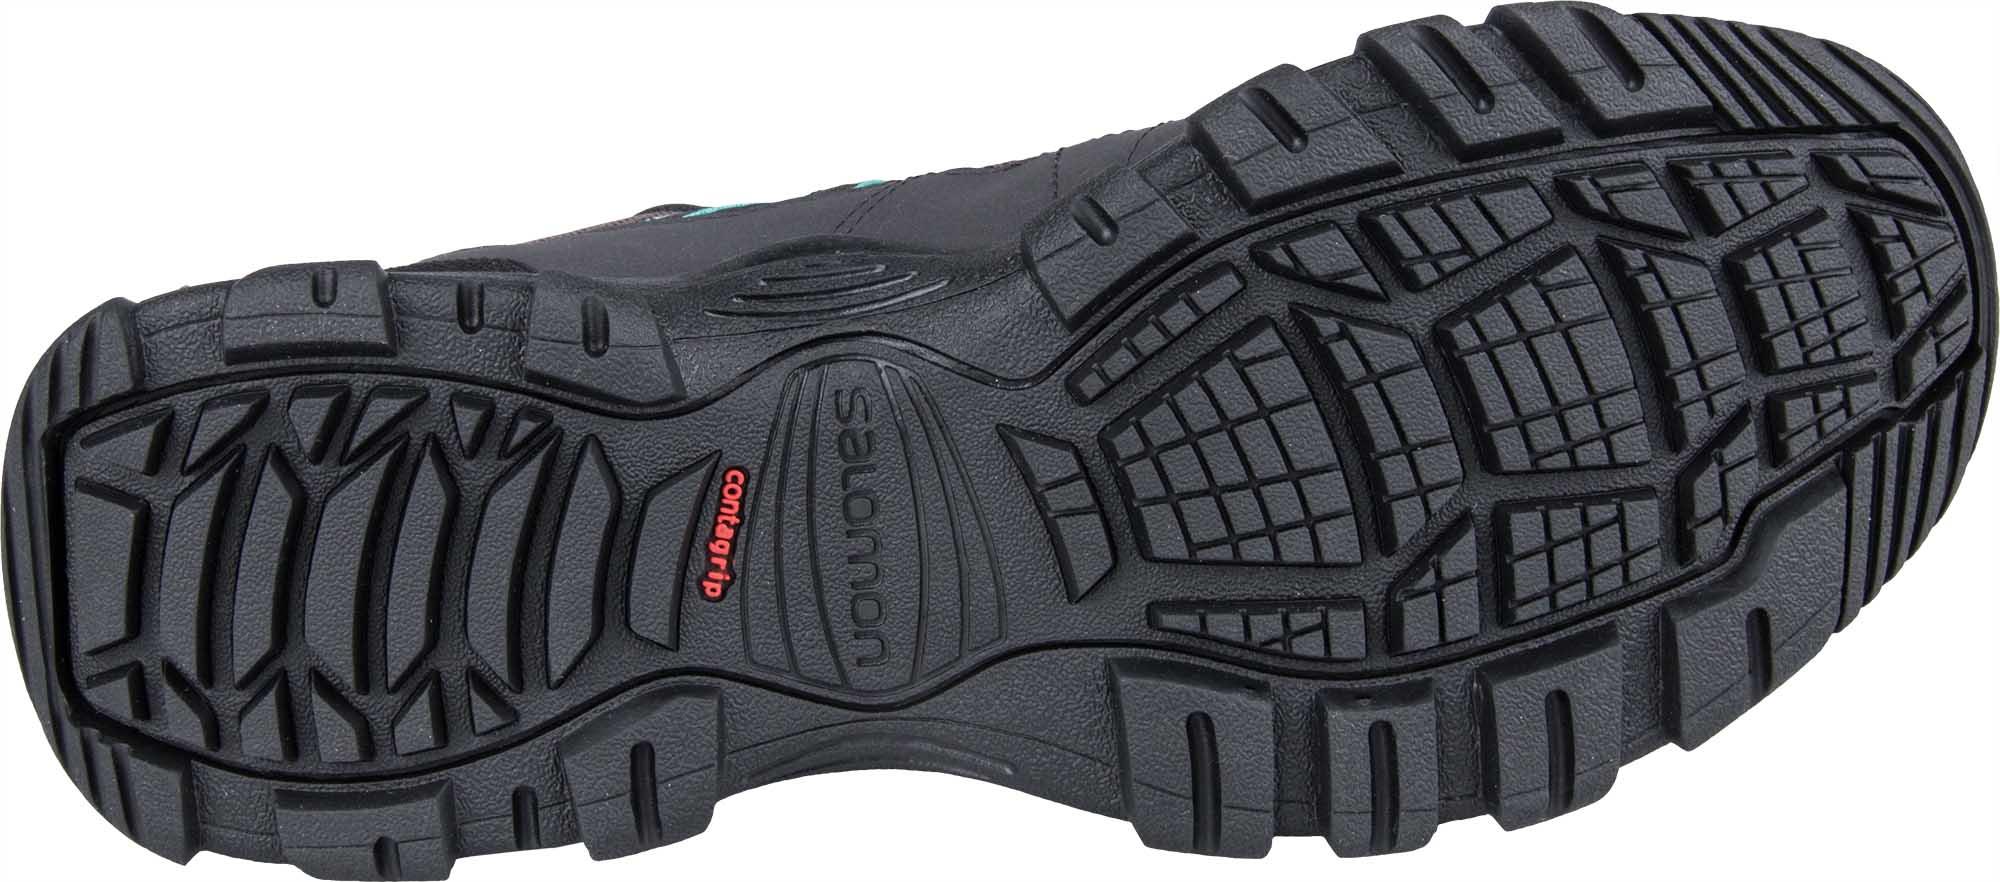 a4149563e97 Dámská trailrunningová obuv